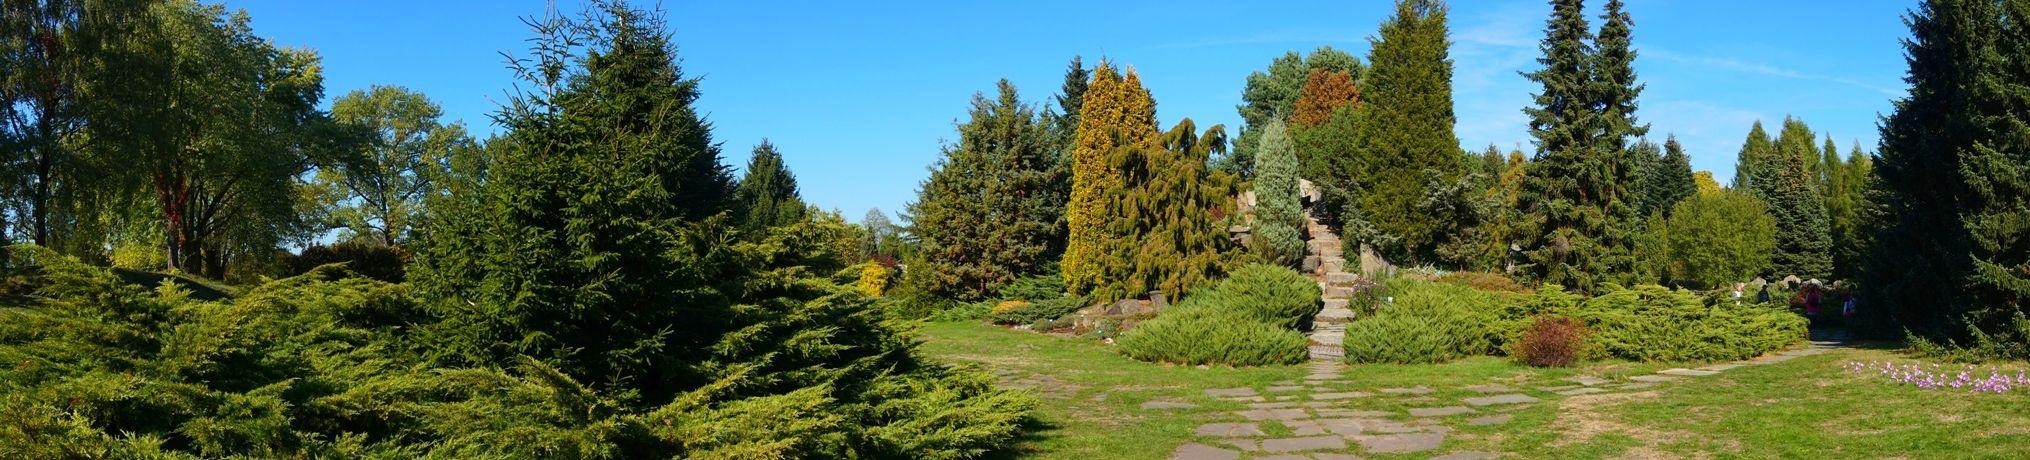 Ogród Botaniczny 8